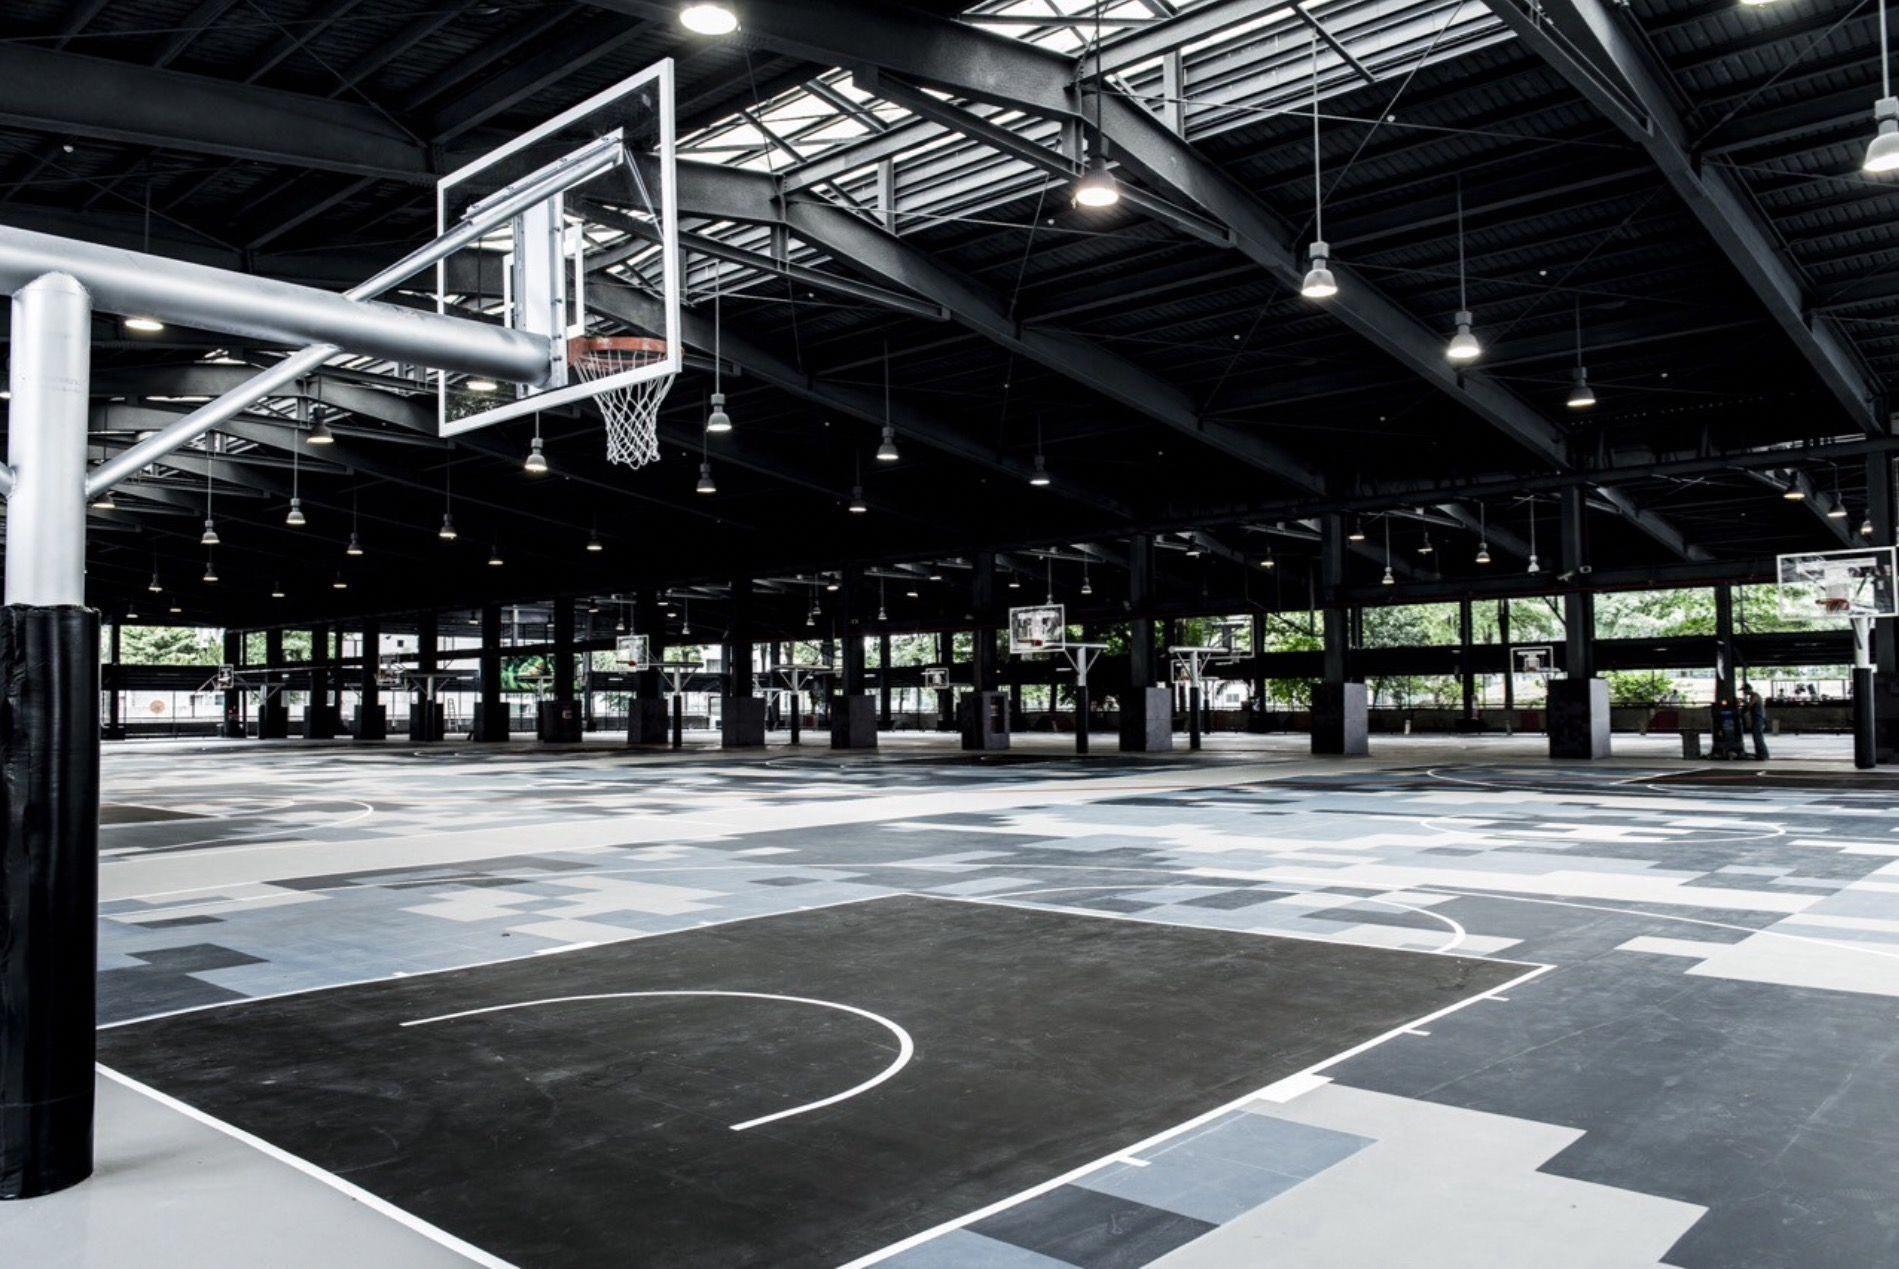 Indoorbasketballcourt Indoor Basketball Court Indoor Basketball Crazy Home